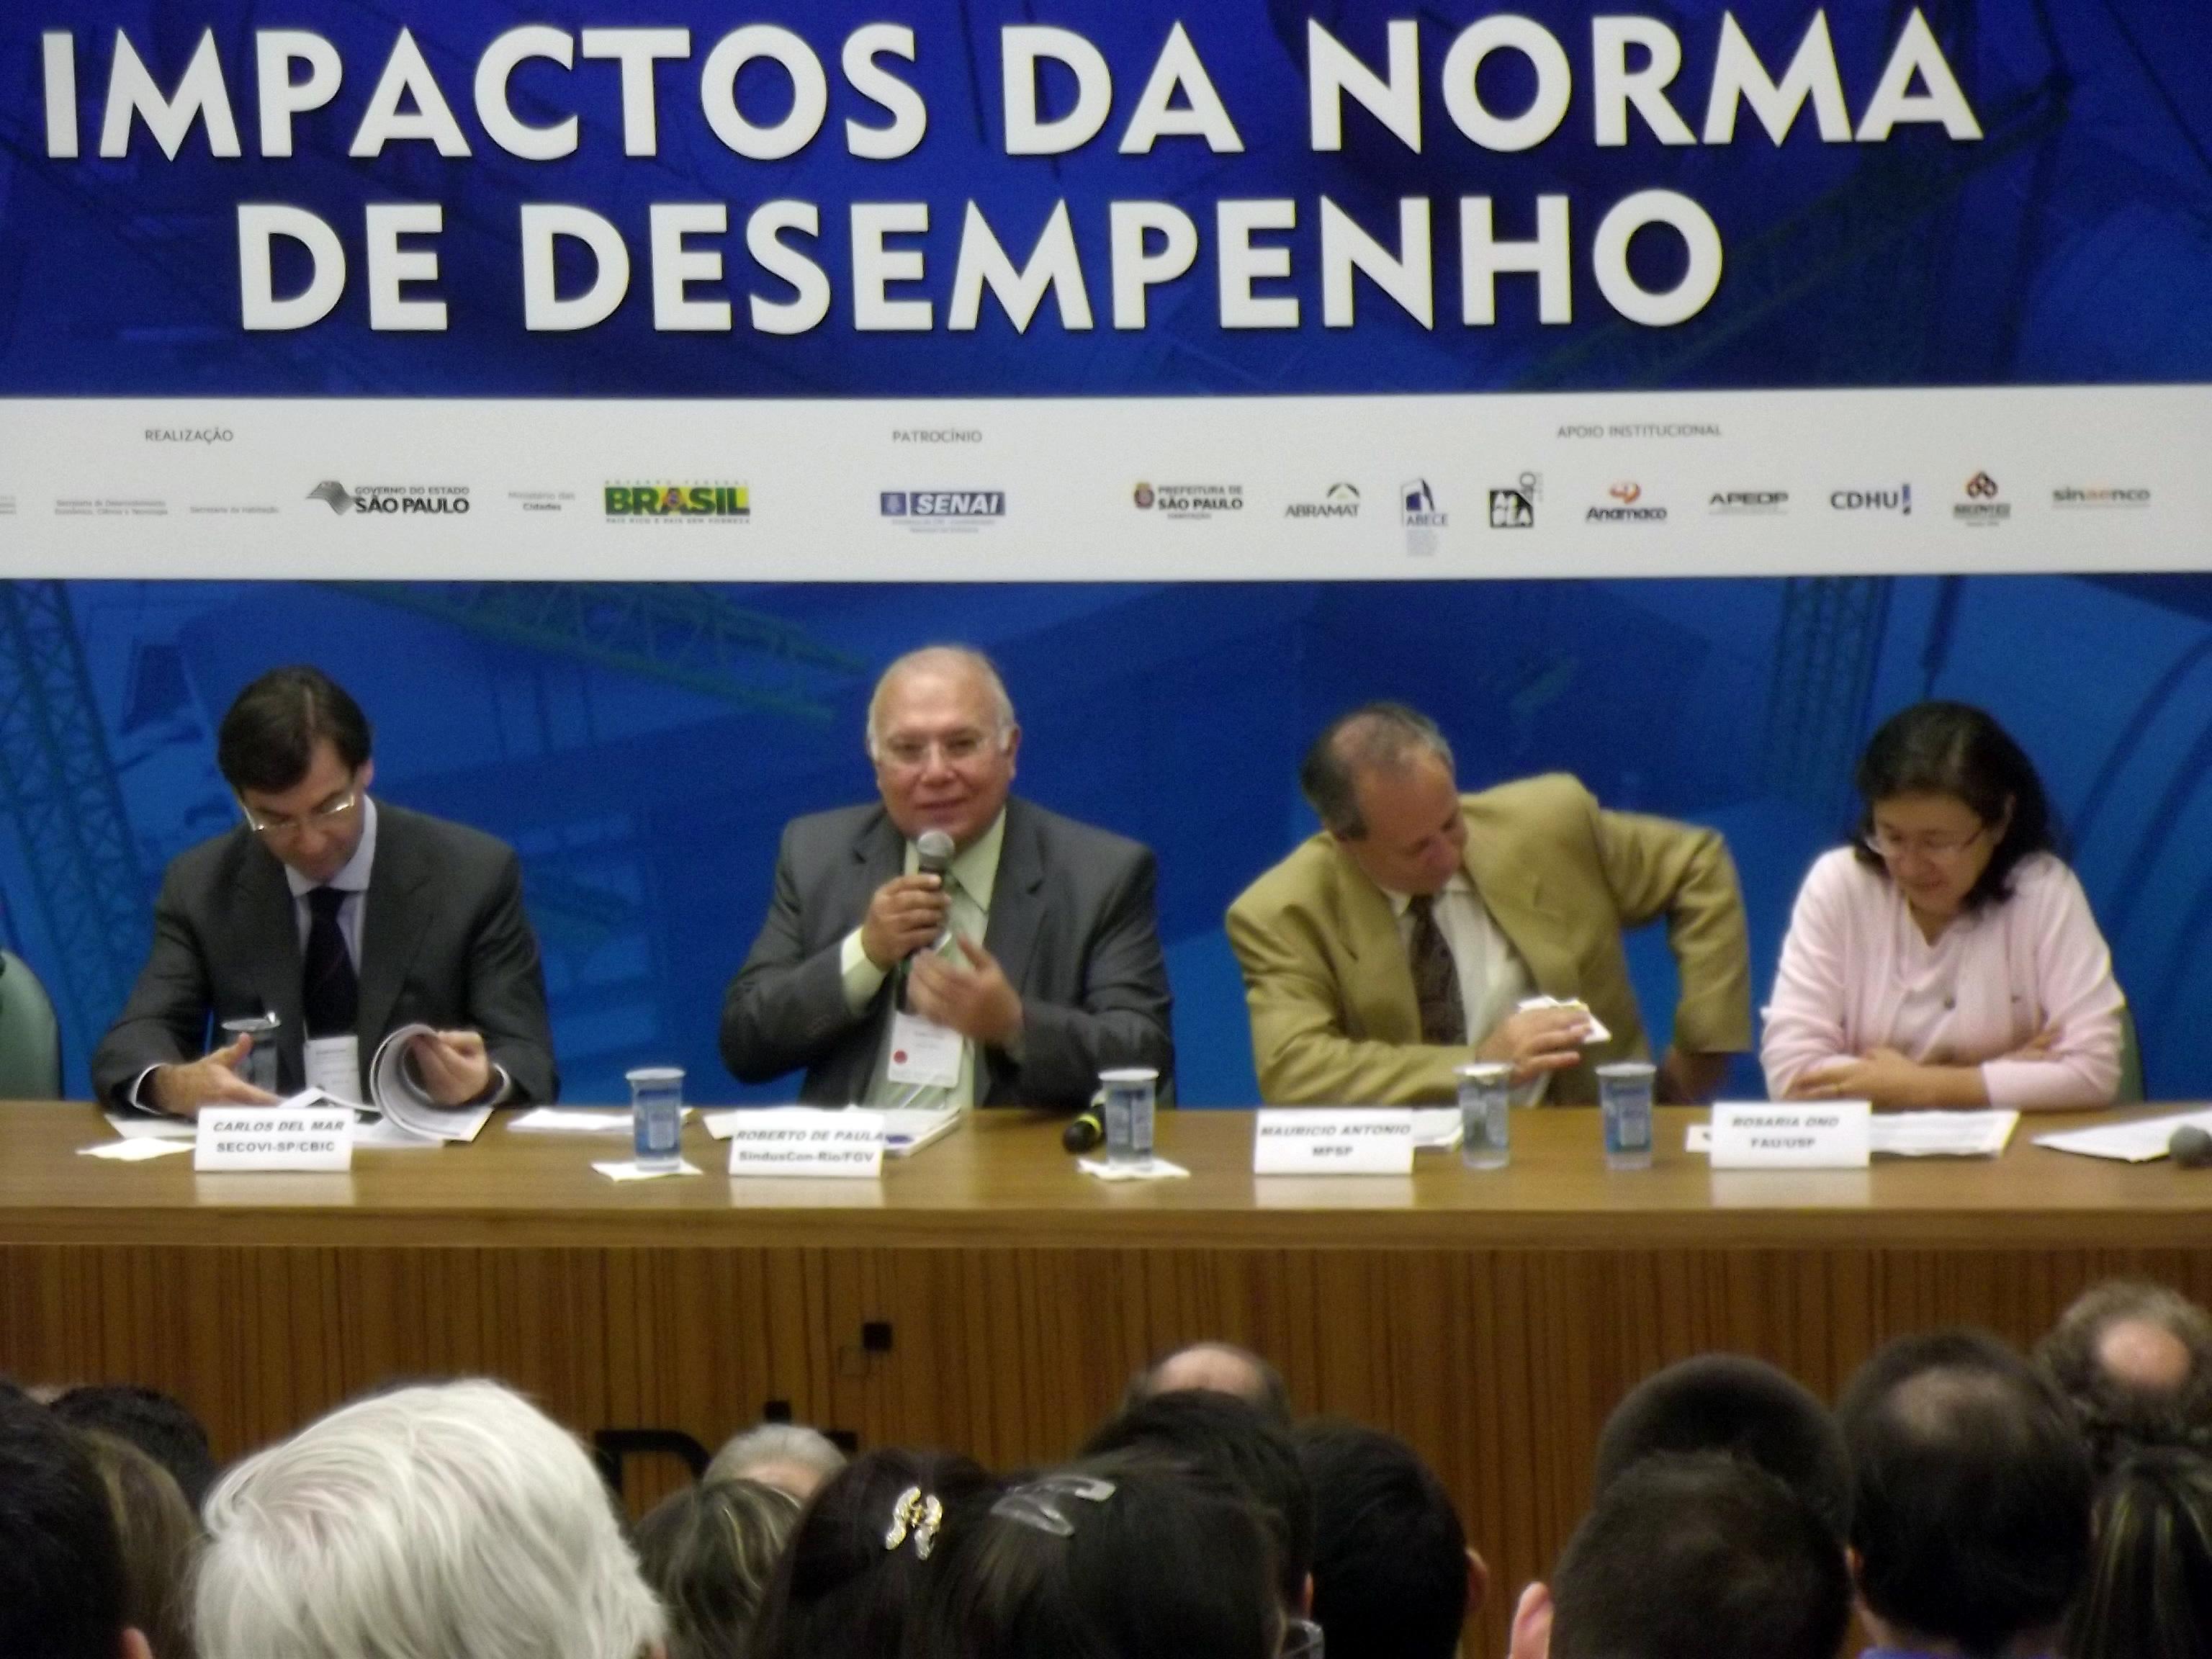 Roberto-Lira-de-Paula